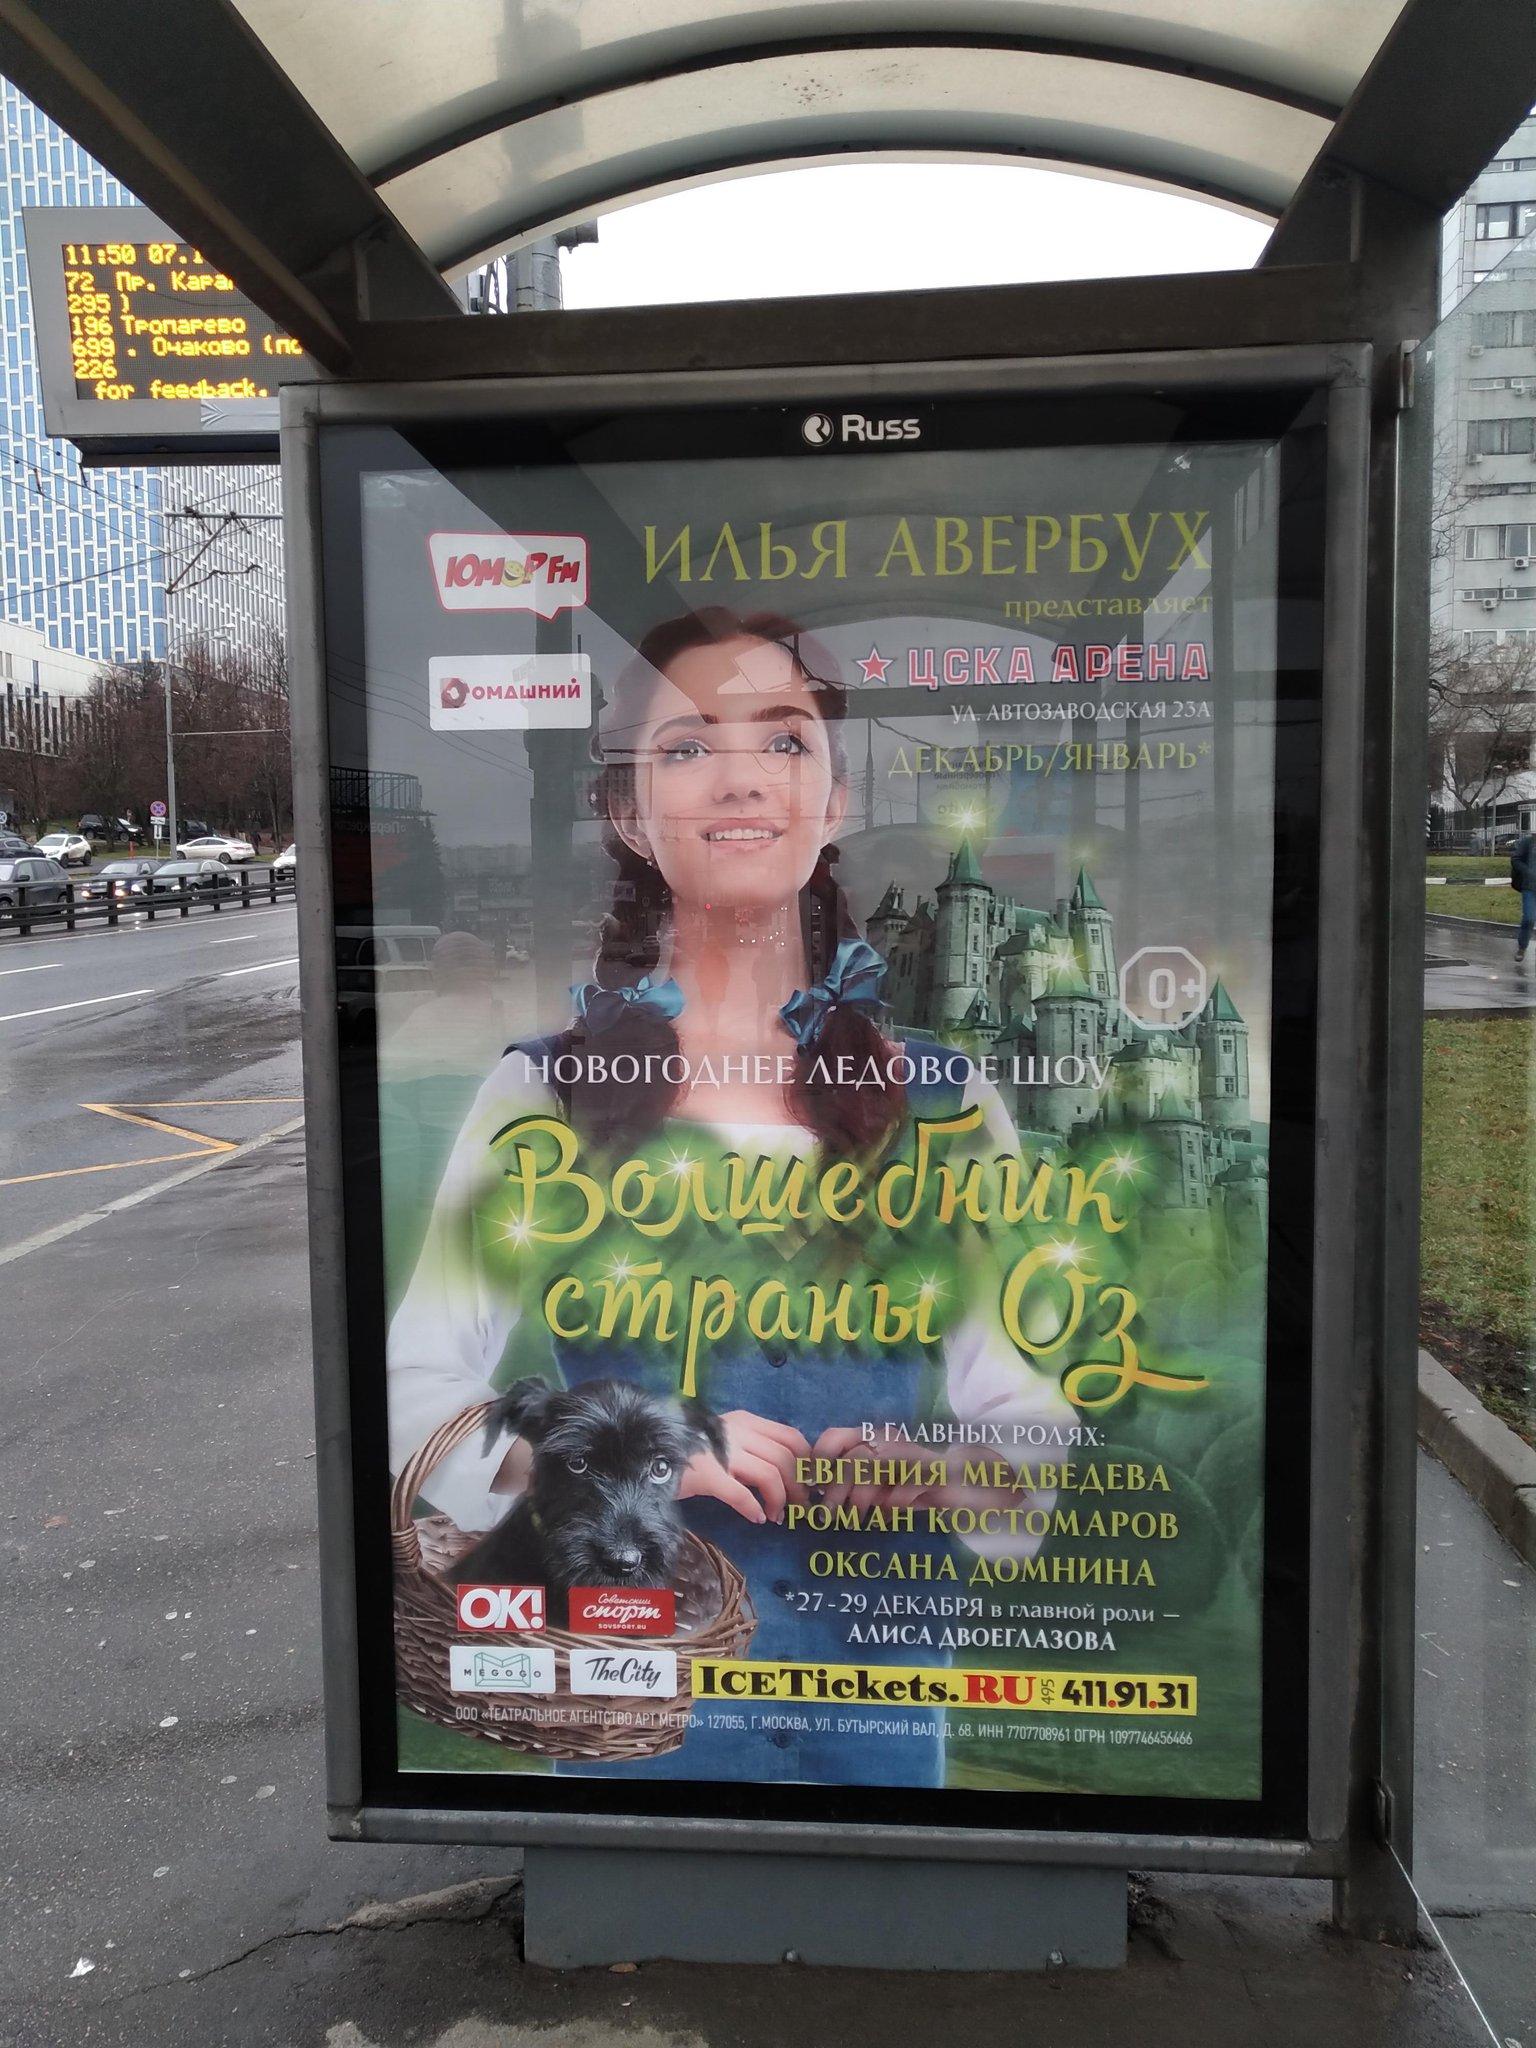 Евгения Медведева-6 - Страница 8 EIyj8AhX0AIYRqg?format=jpg&name=4096x4096